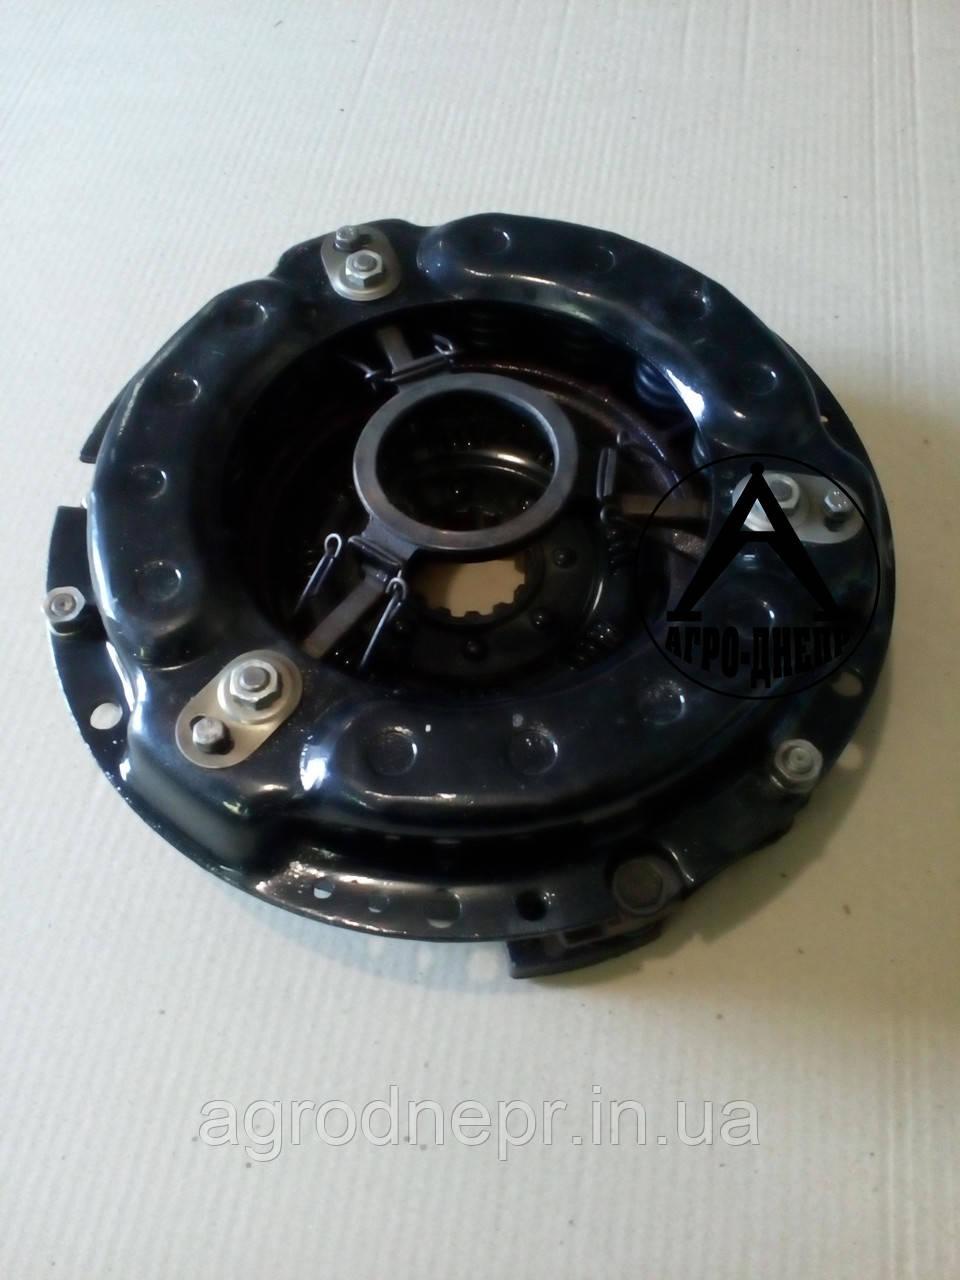 Диск нажимной (Корзина) СМД-18 старого образца СМД14-21С1